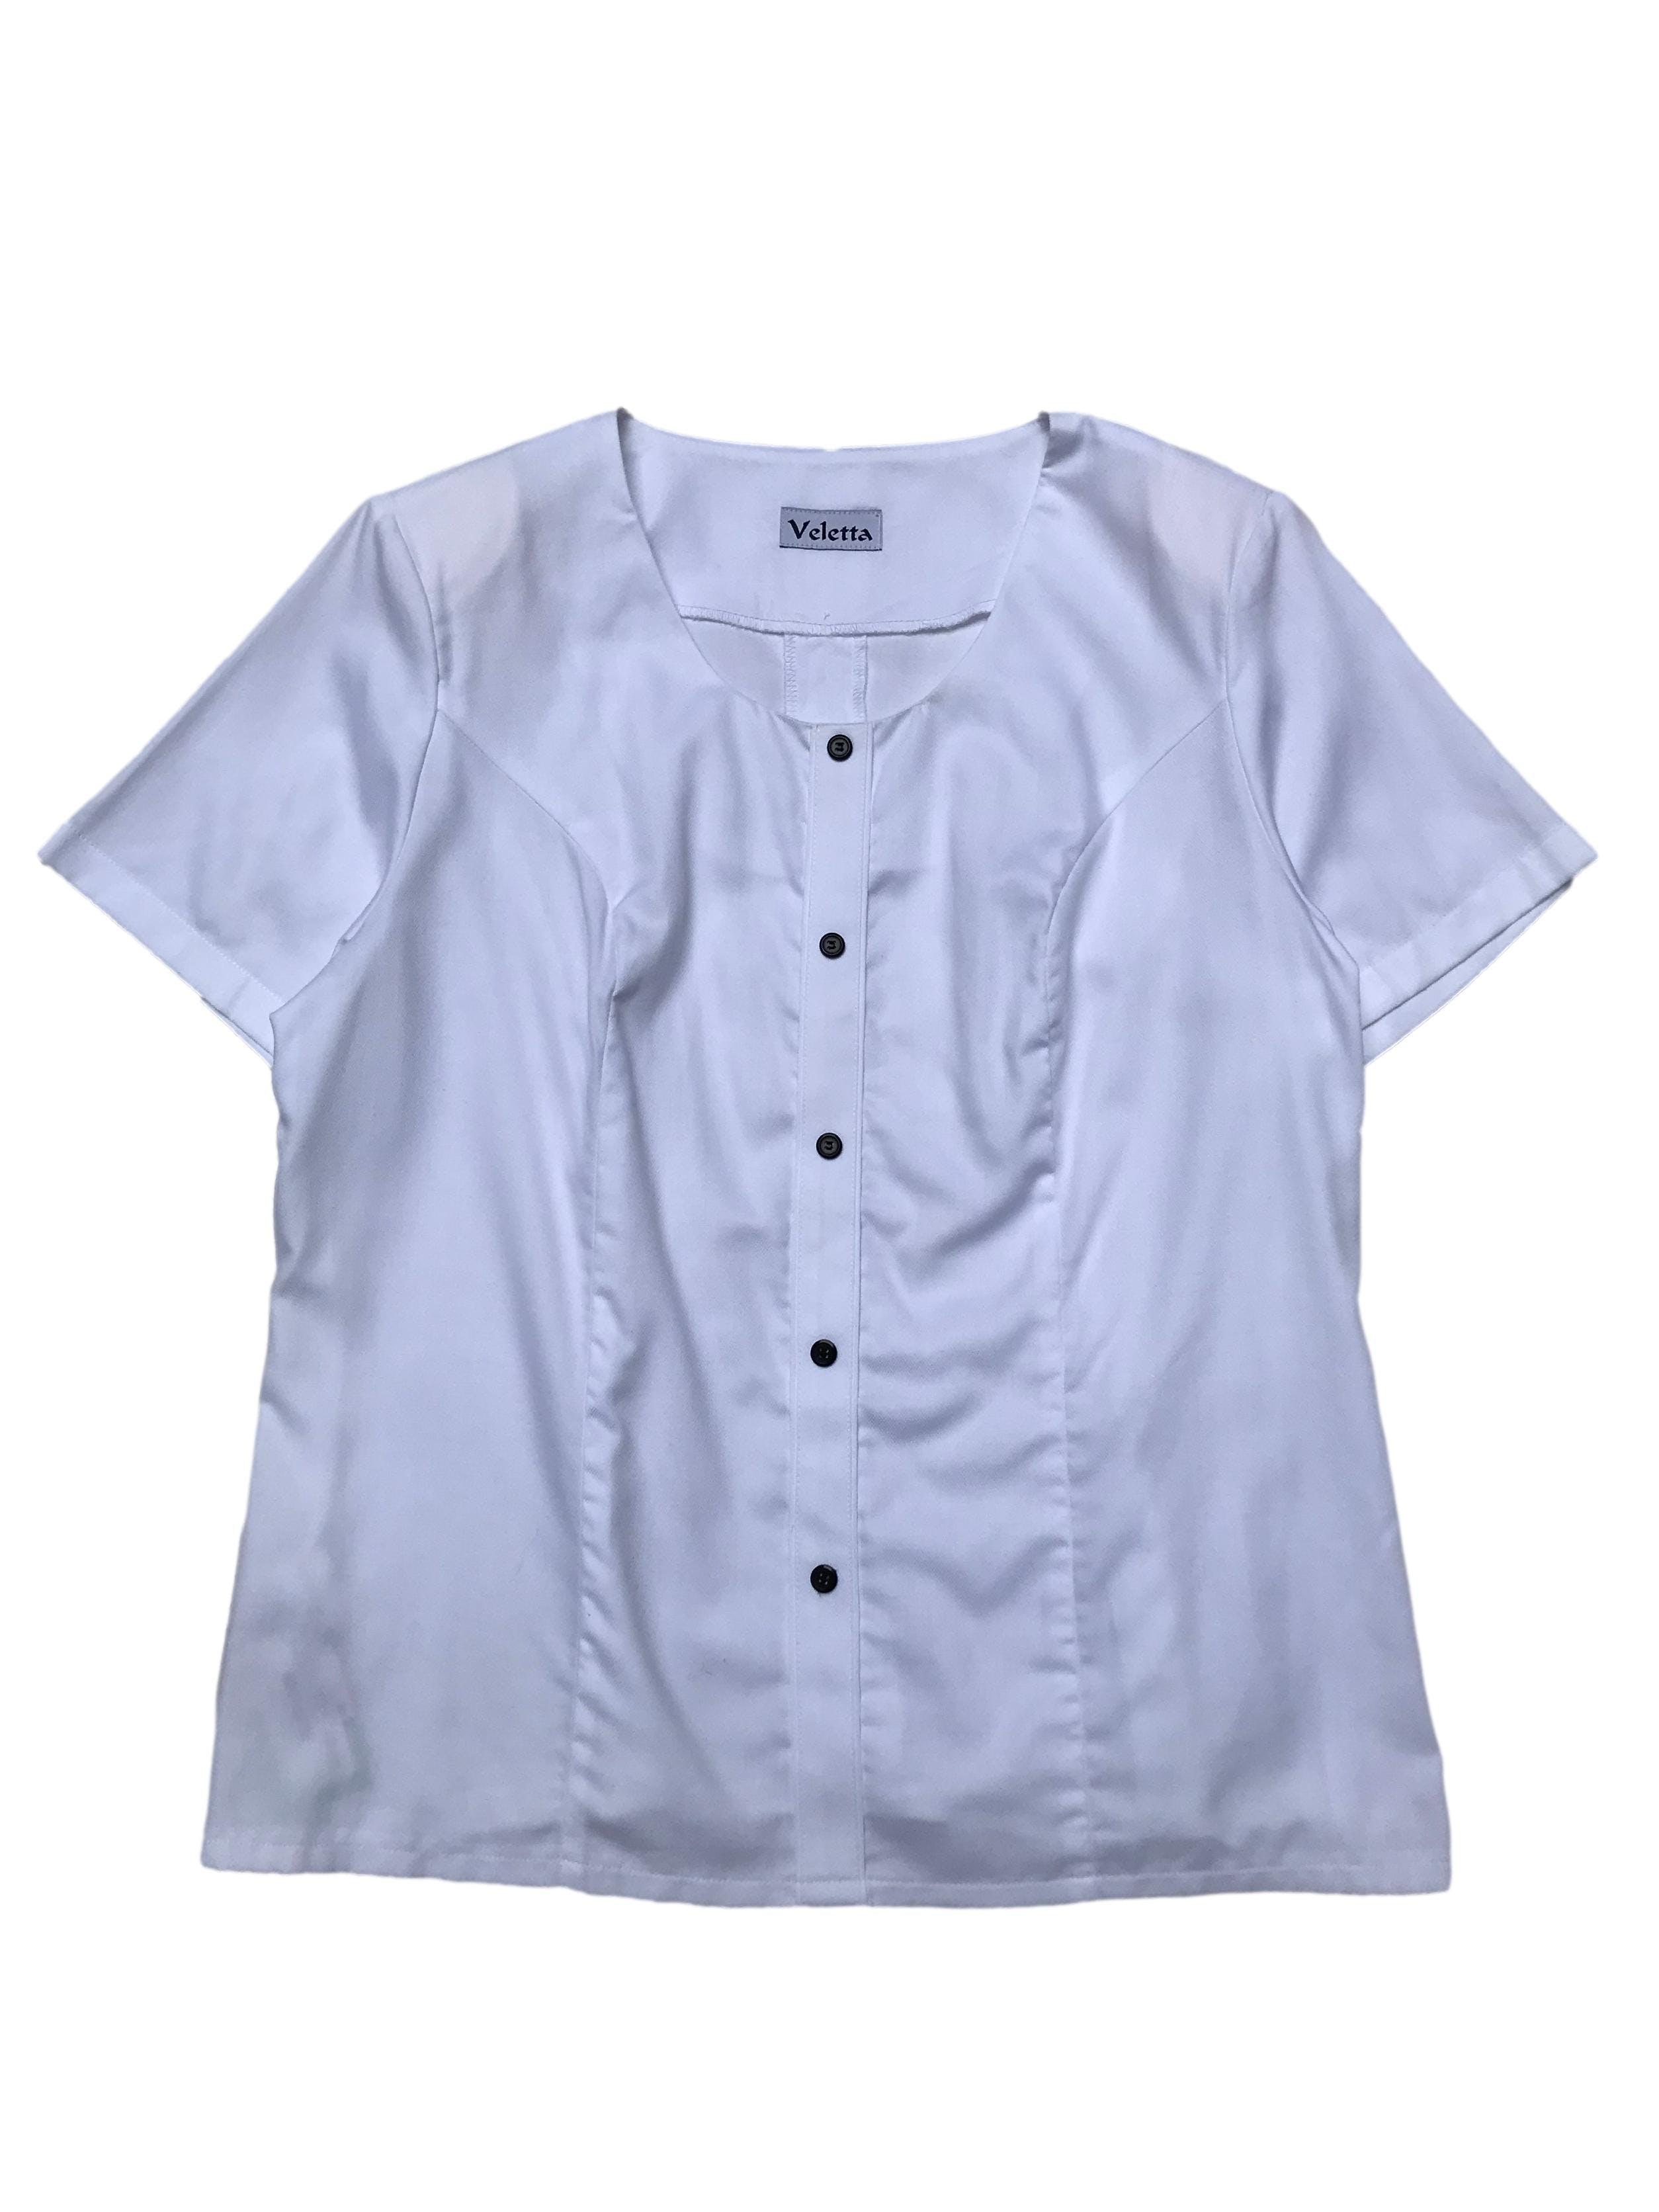 Blusa blanca 65% algodón con botones al centro, pinzas delanteras y traseras, hombreras y cierre lateral. Busto 112cm Largo 60cm